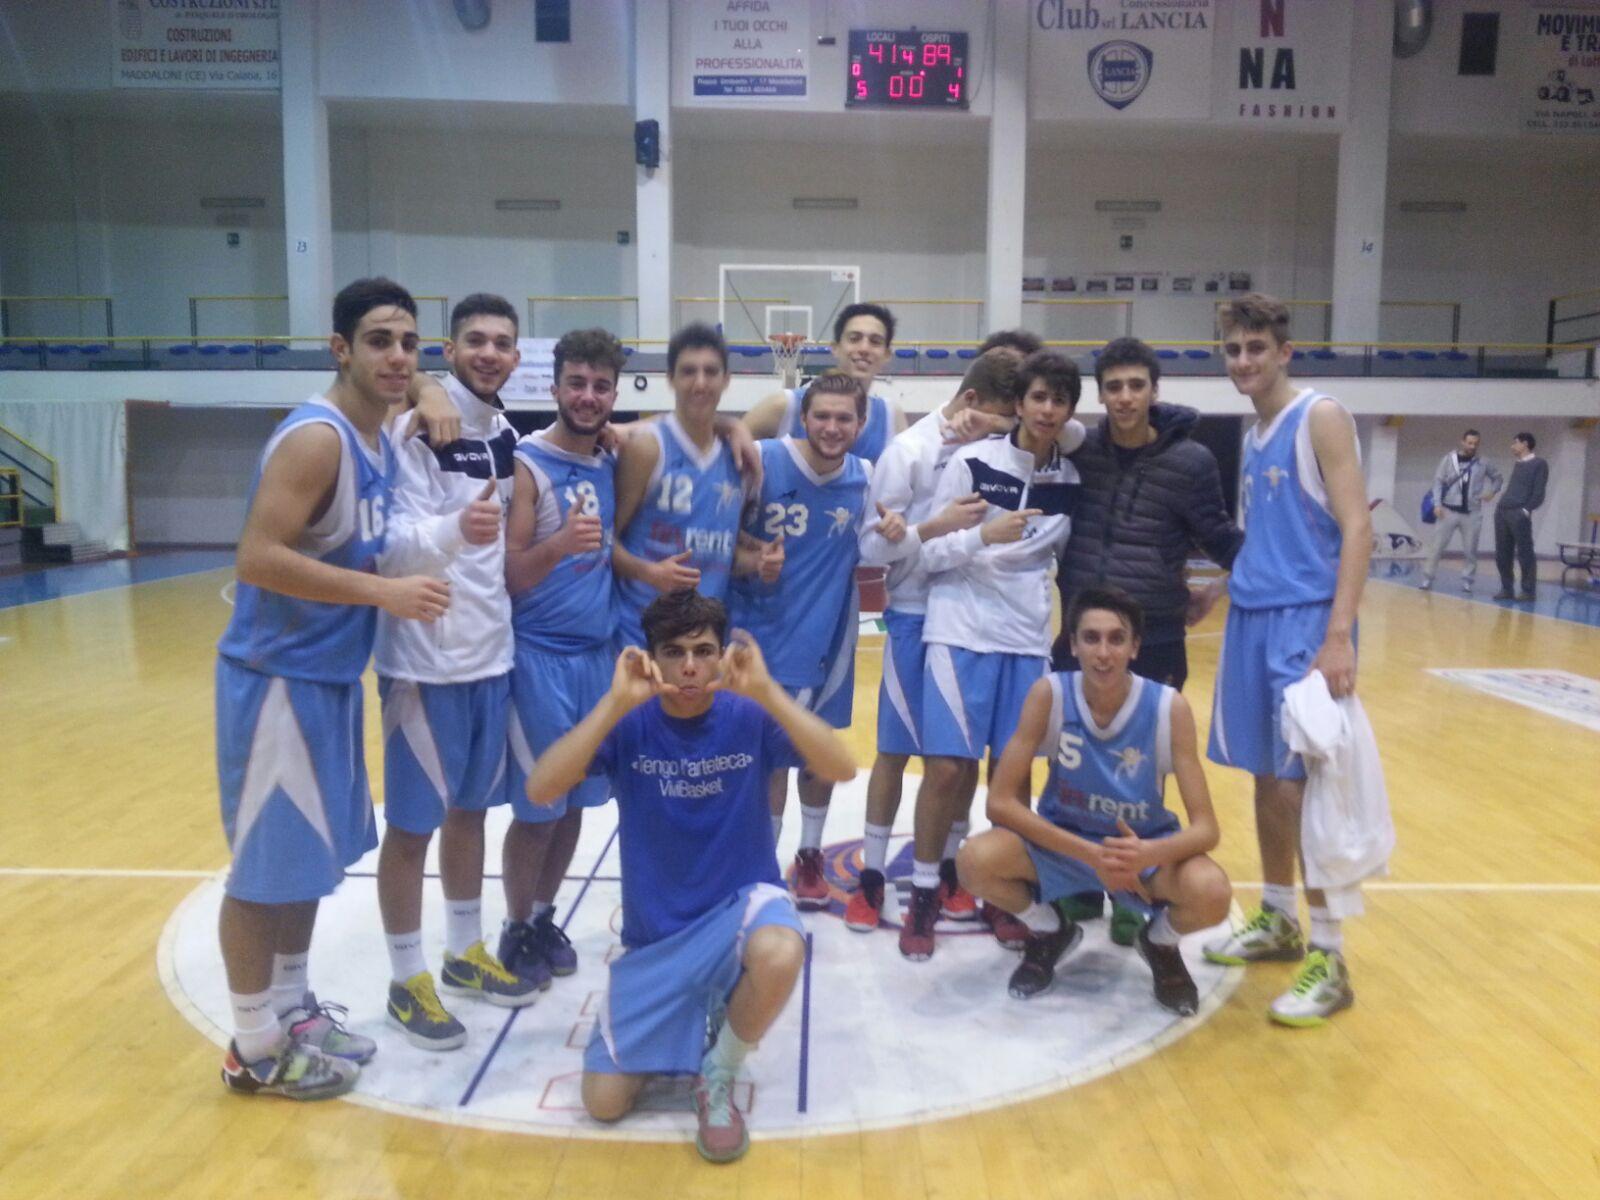 Under 18 Eccellenza: Vivi Basket vince con autorità a Maddaloni